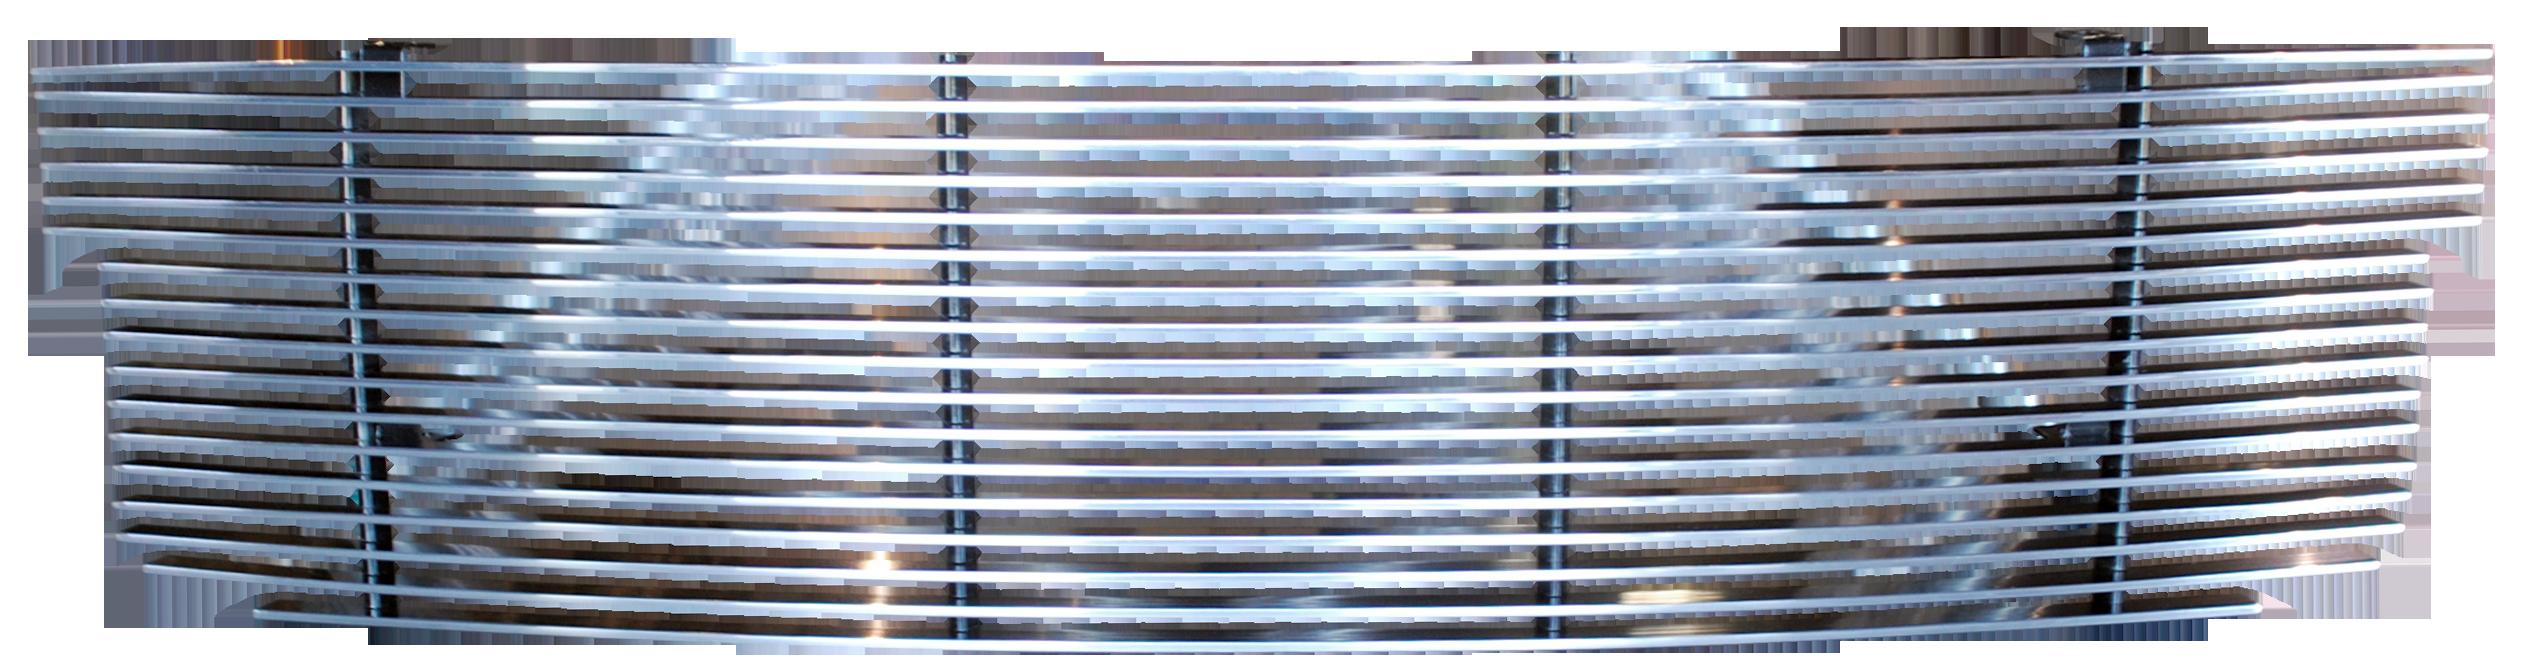 1999-2001 GMC truck aluminum billet insert